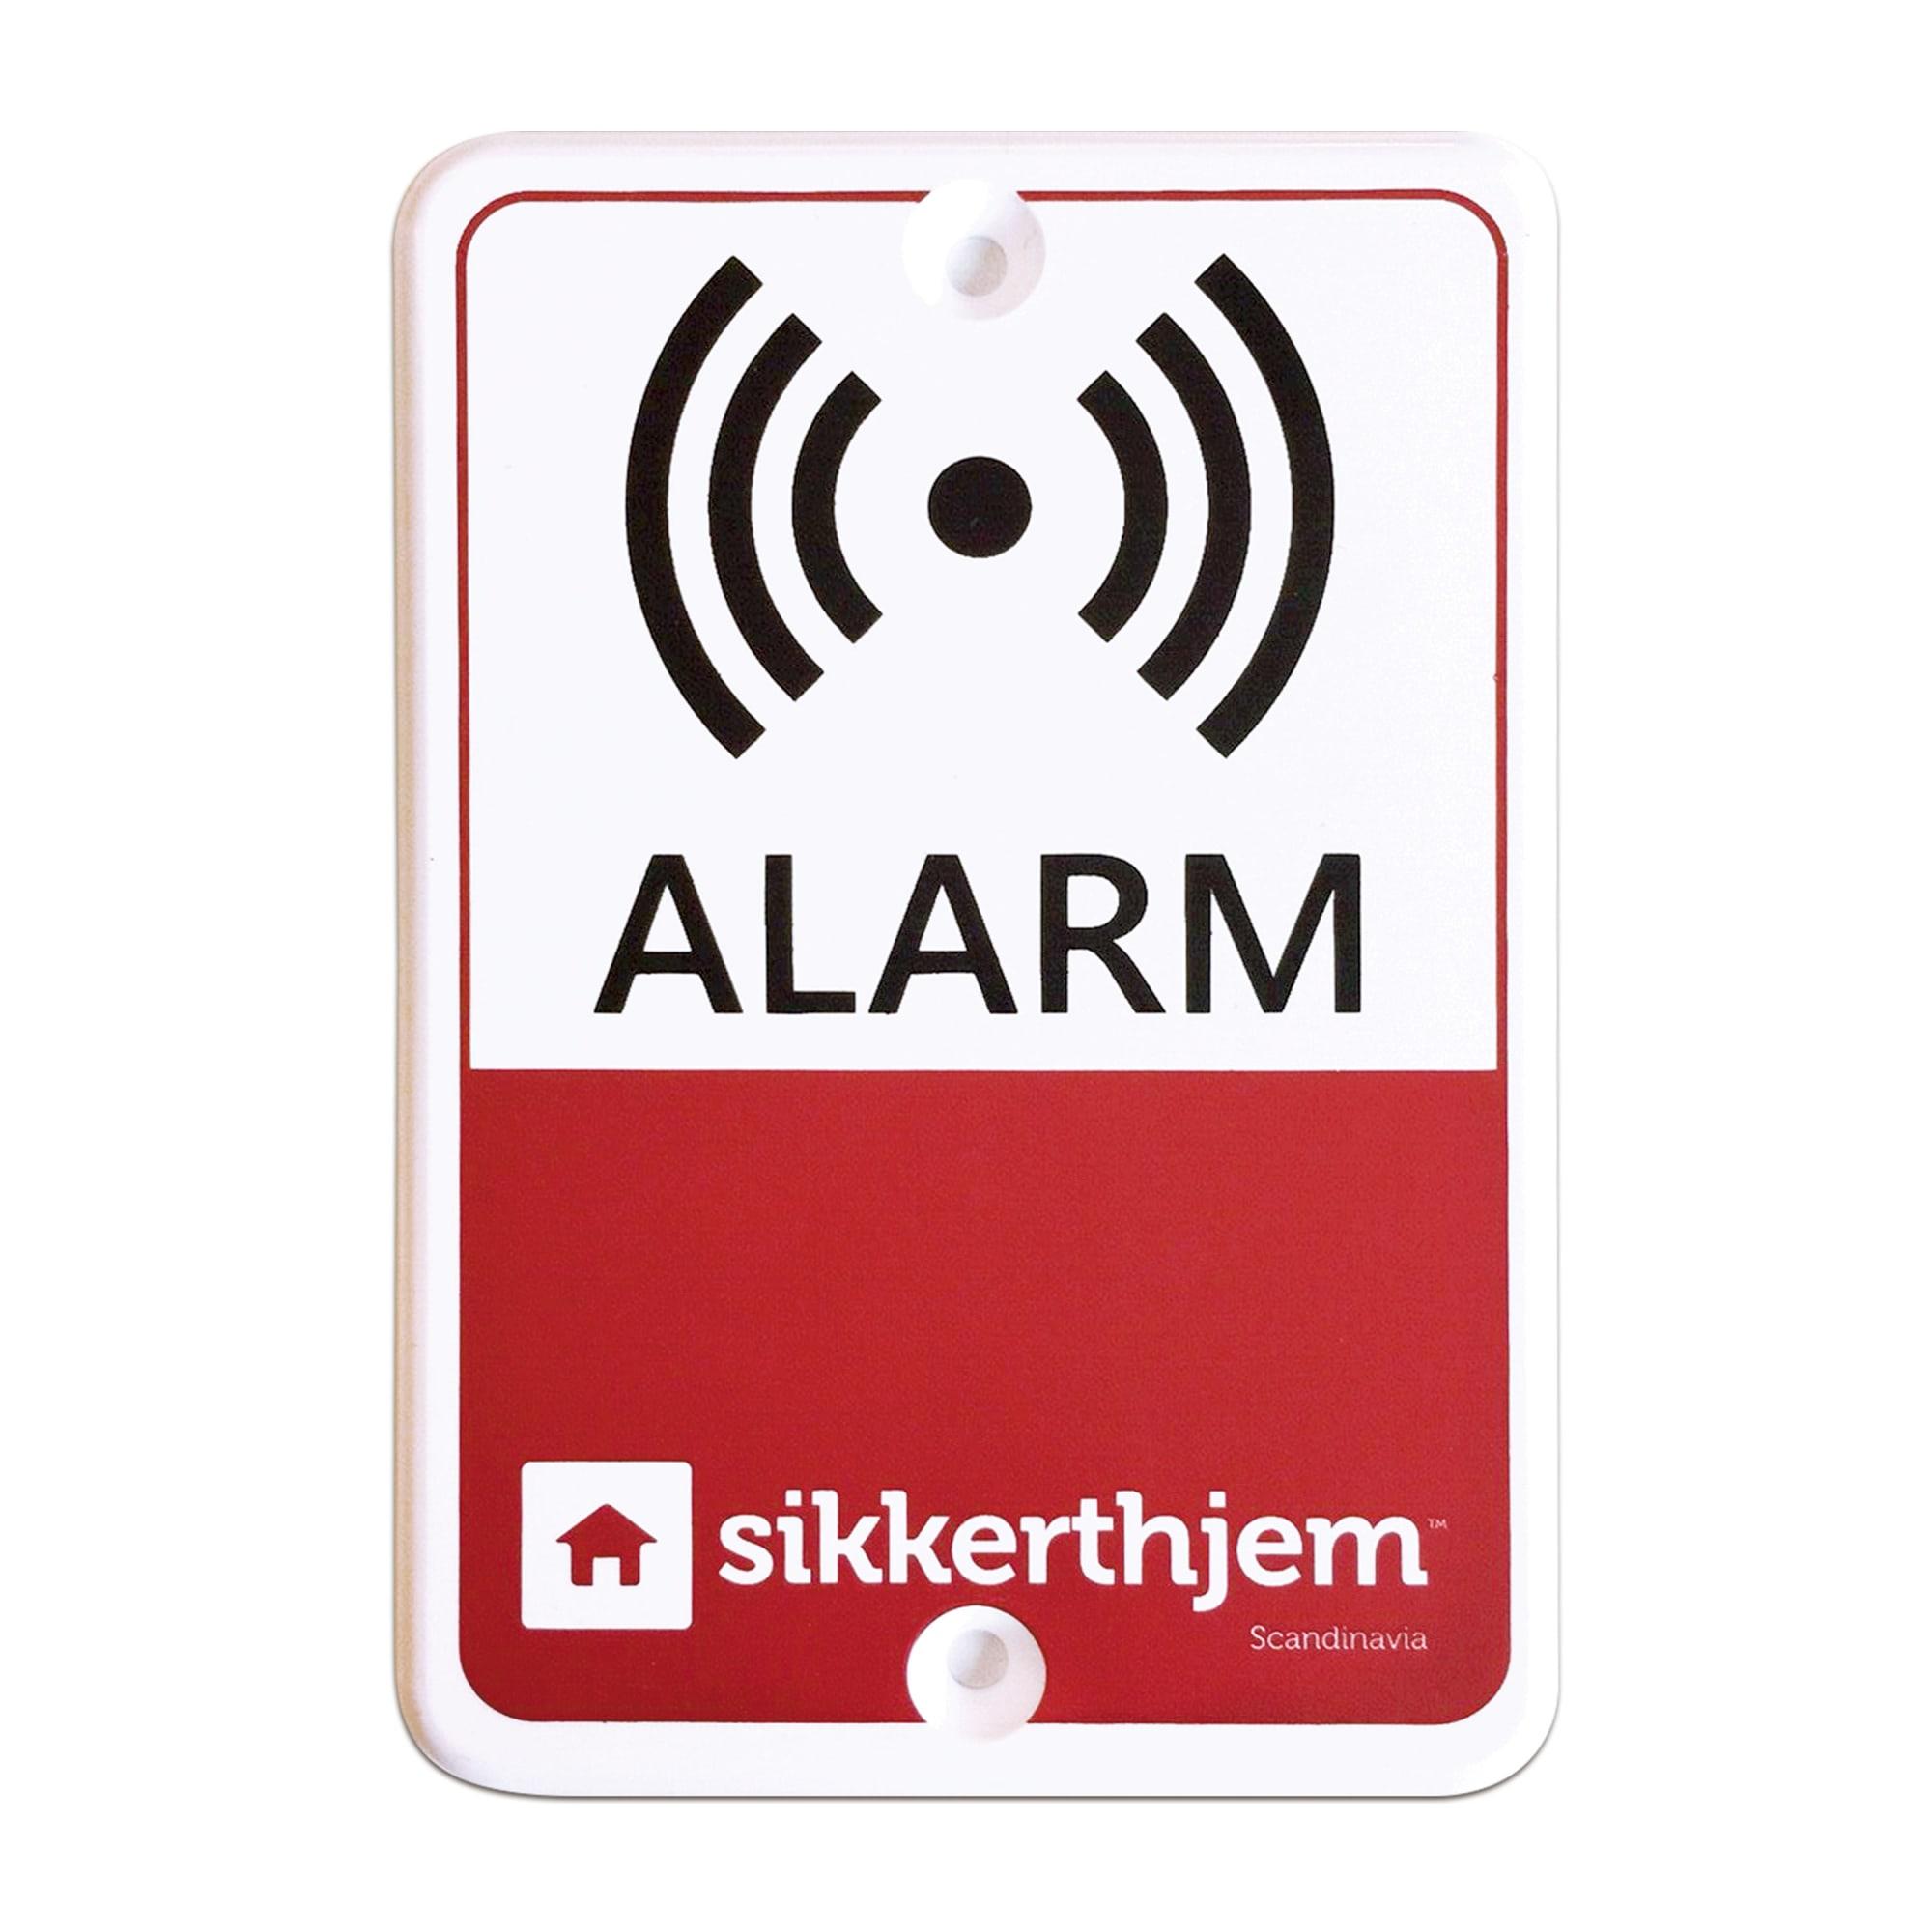 Udendørs alarmskilt i PVC til ophæng på træværk